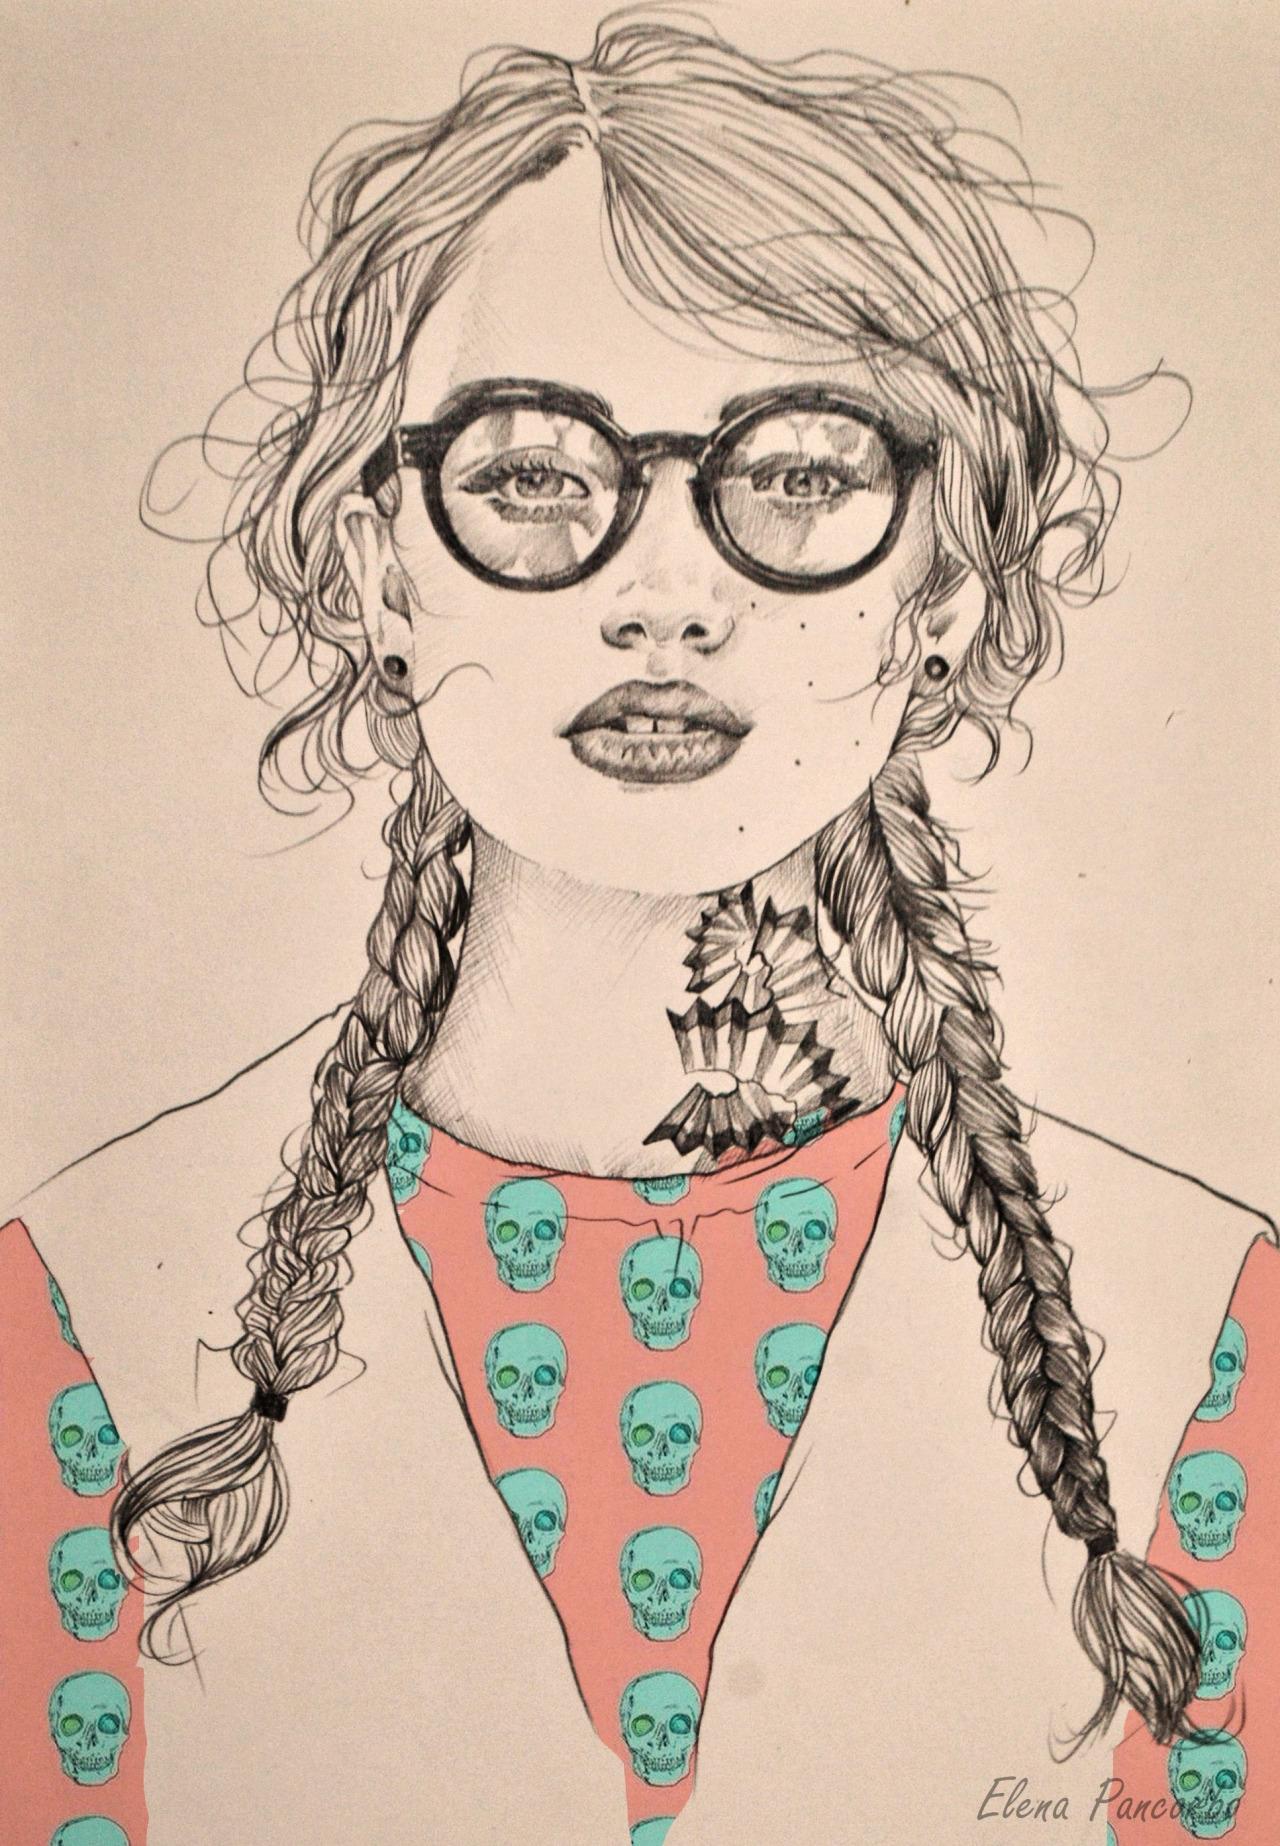 elena pancorbo ilustracion oldskull 7